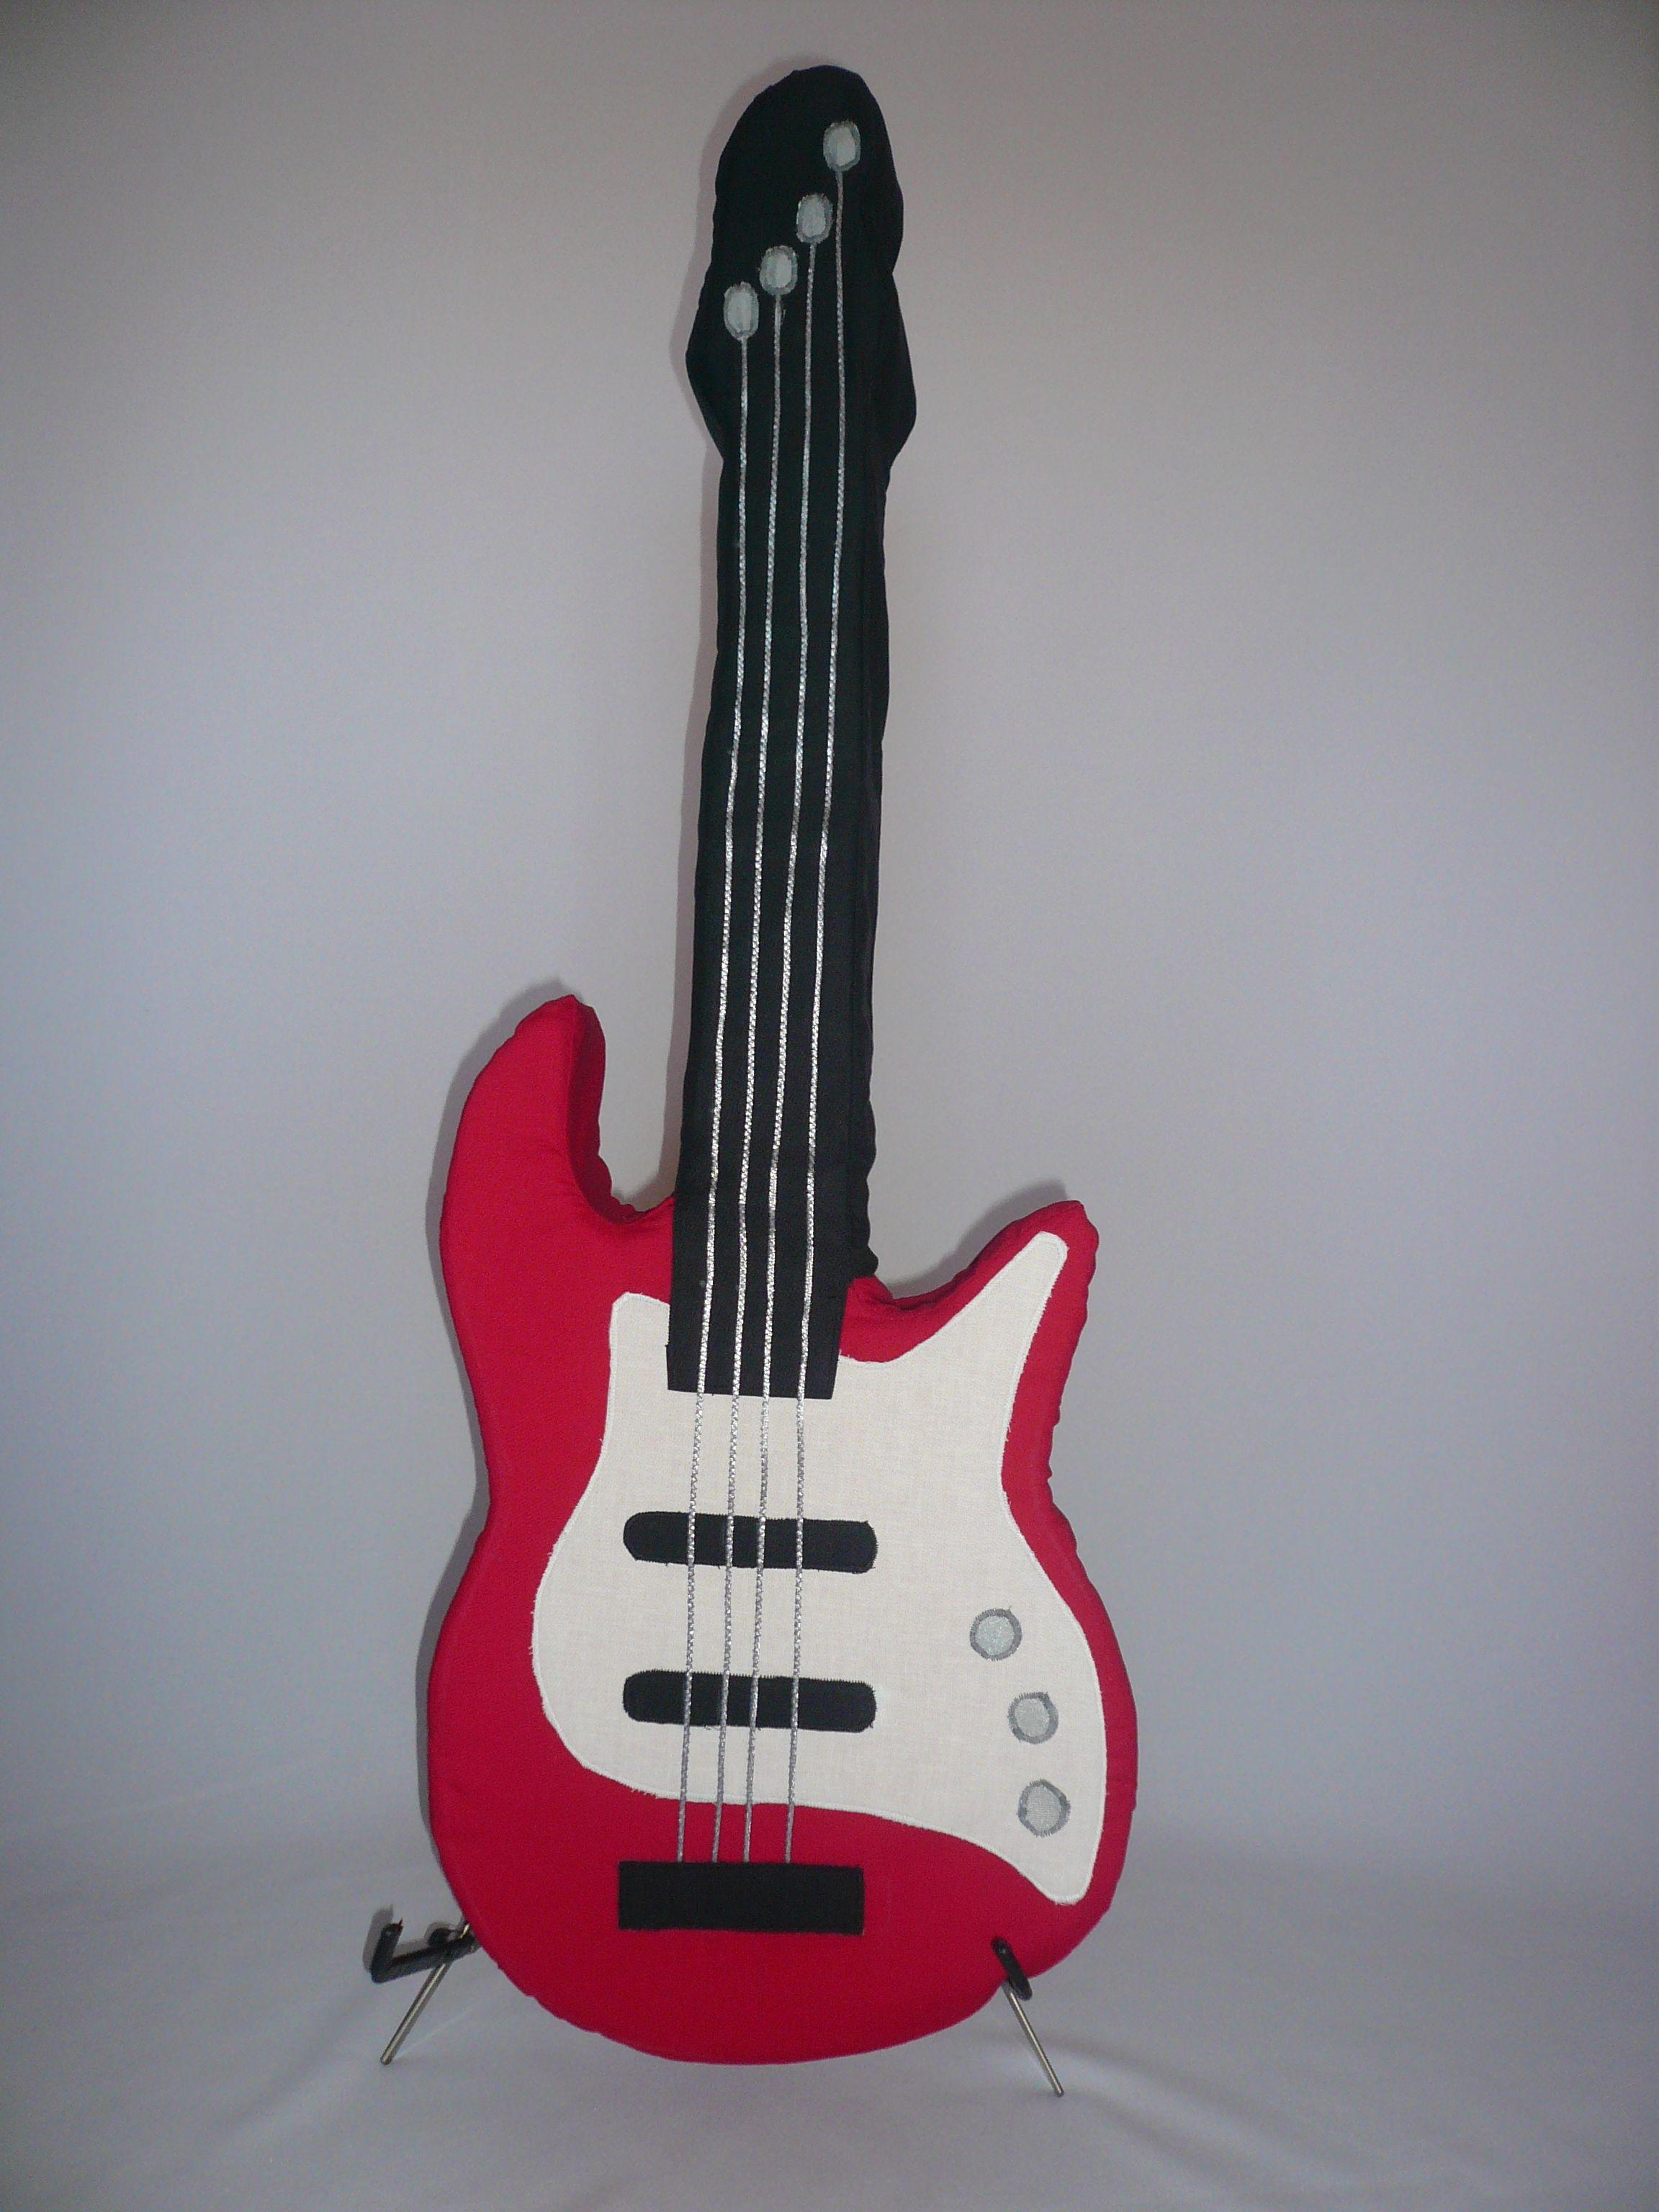 Gitarren Kissen E Bass Kissen zu verkaufen